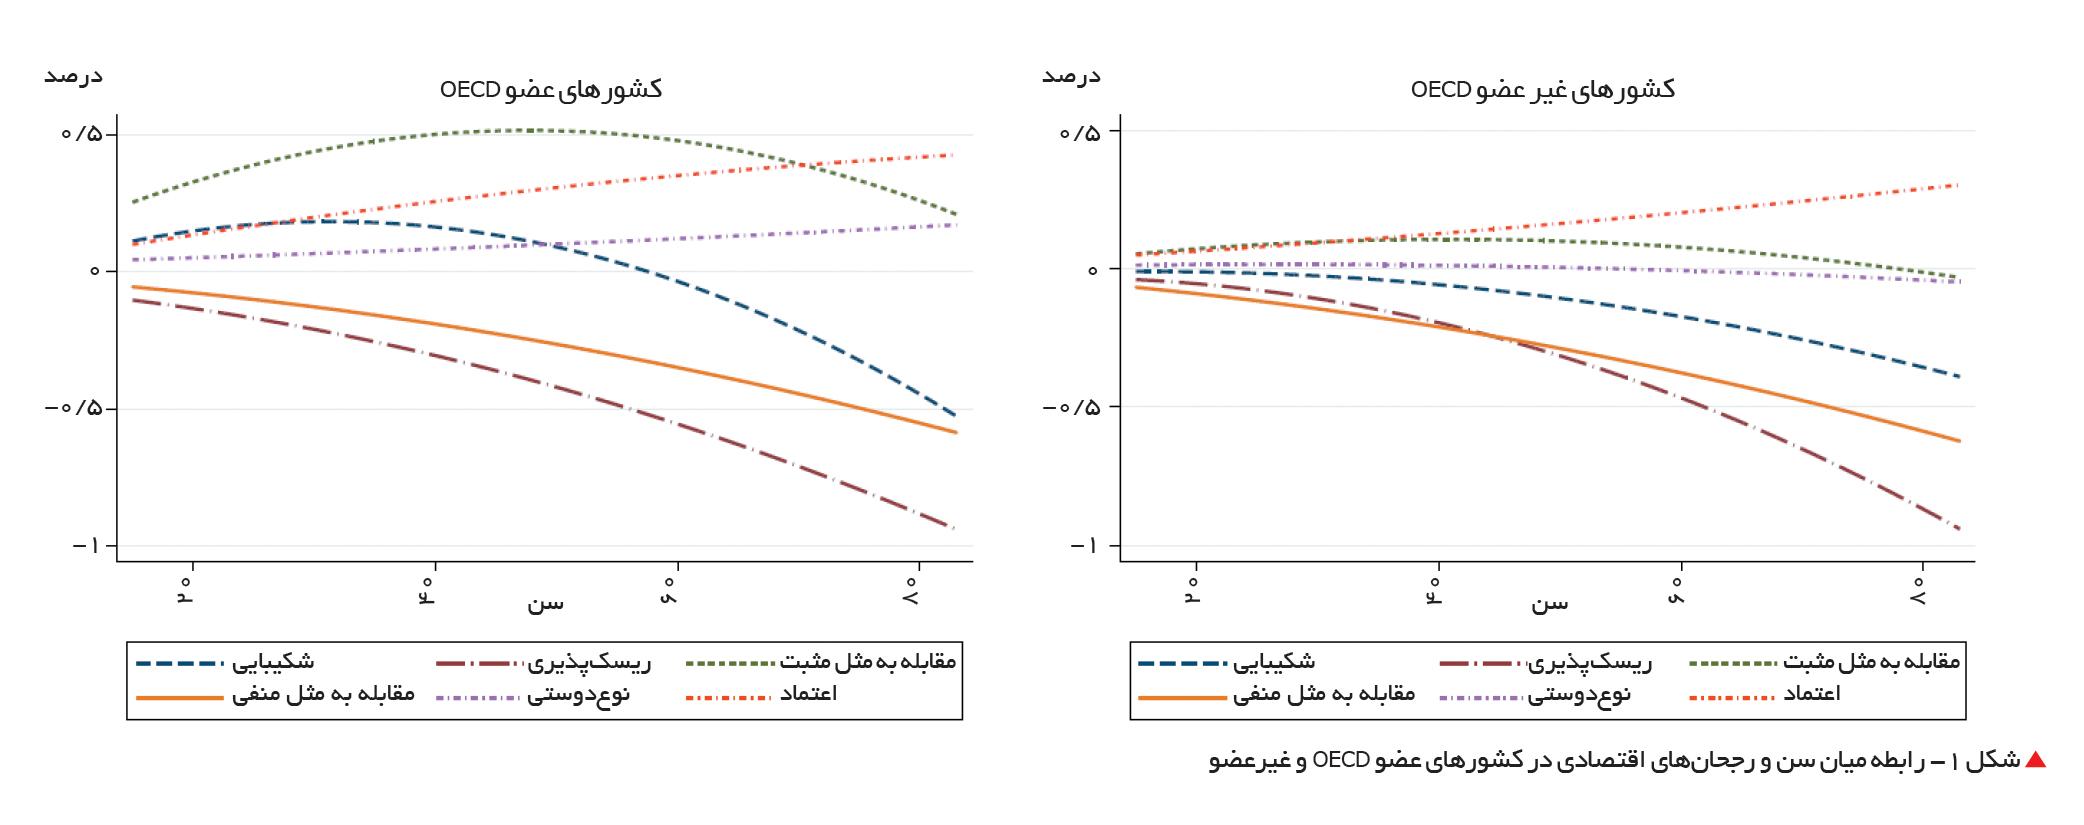 تجارت- فردا-  شکل 1- رابطه میان سن و رجحانهای اقتصادی در کشورهای عضو OECD و غیرعضو